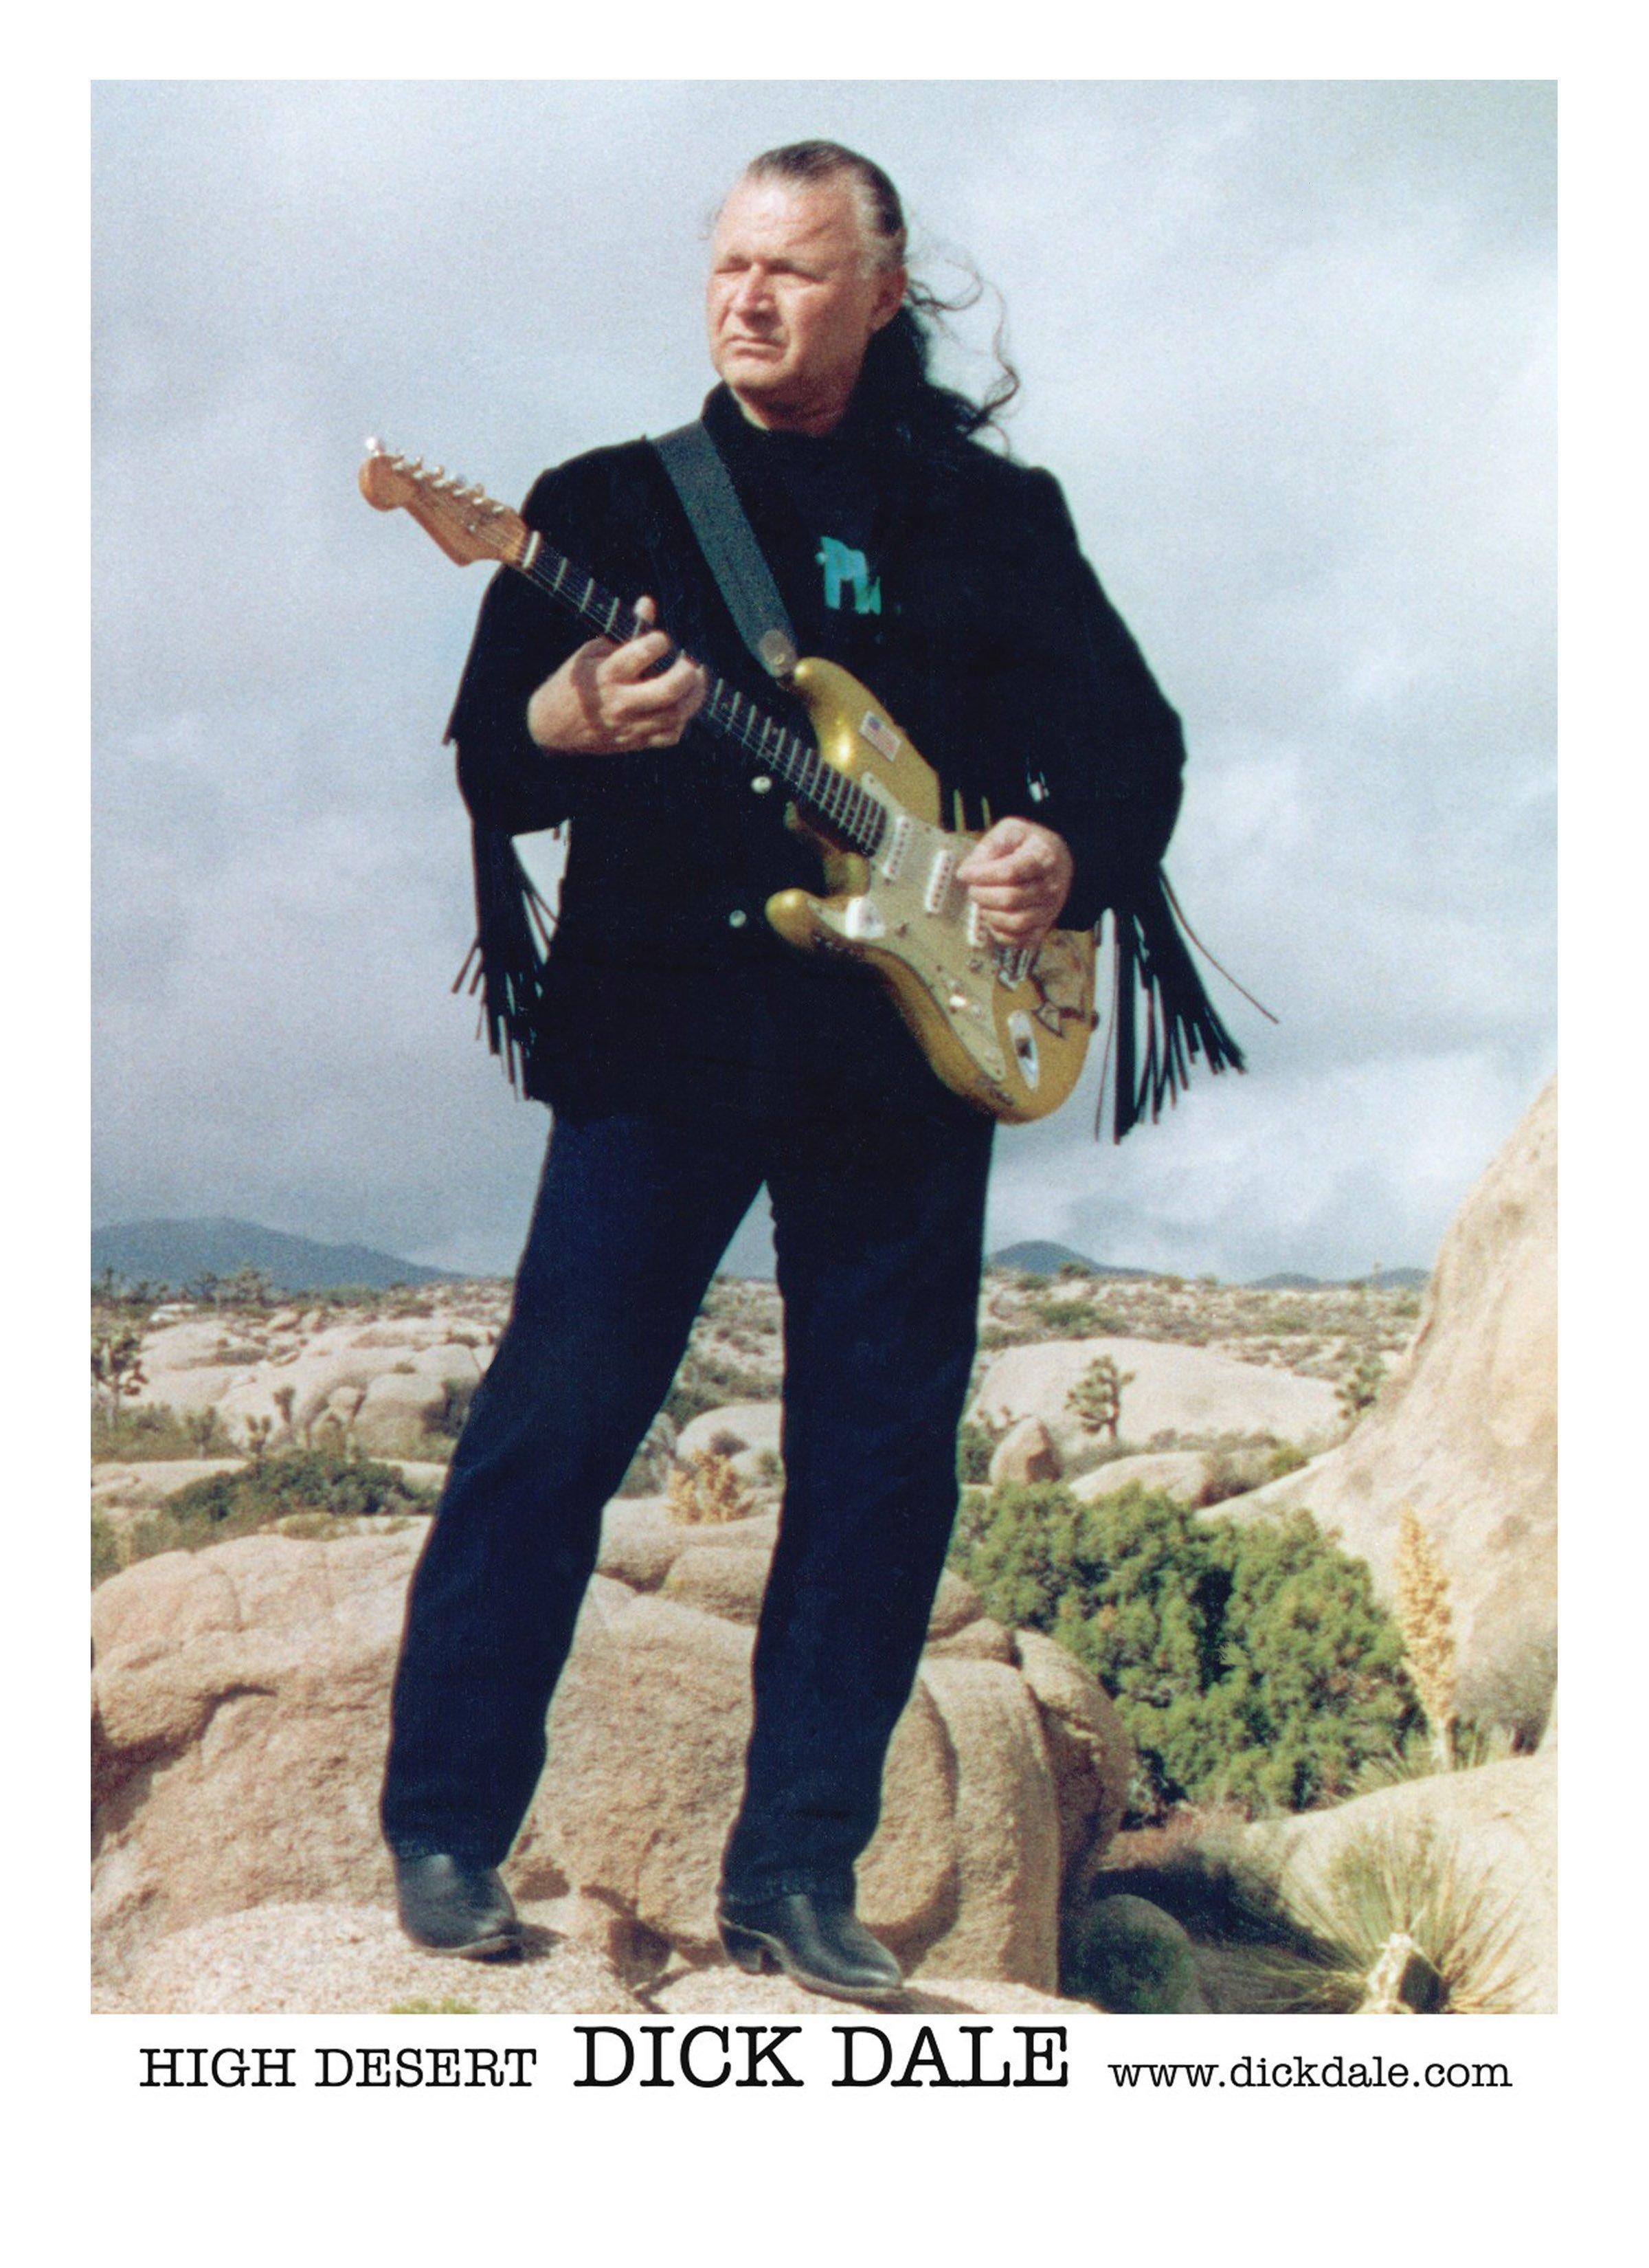 dick dale Dick dale cuyo nombre completo es richard anthony monsour (boston, massachusetts, 4 de mayo de 1937), es un músico y guitarrista estadounidensepionero del surf rock junto a the ventures, y líder de la banda dick dale & the del-tones.